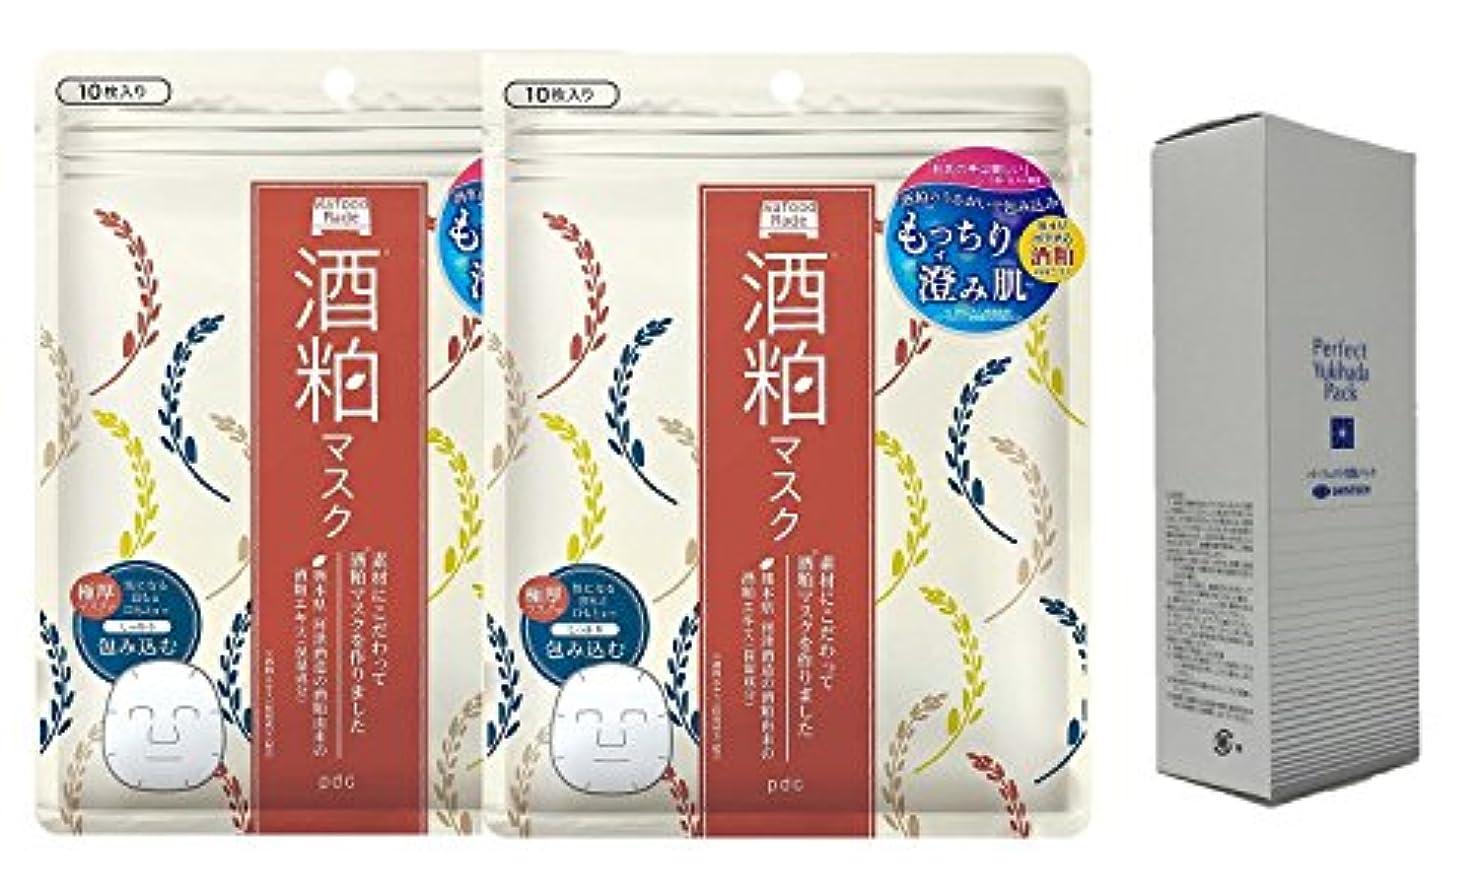 論理的にアストロラーベ致命的なワフードメイド酒粕マスク 10枚入りx2袋とパーフェクト雪肌フェイスパック 130g 日本製 美白、保湿、ニキビなどお肌へ SHINTECH